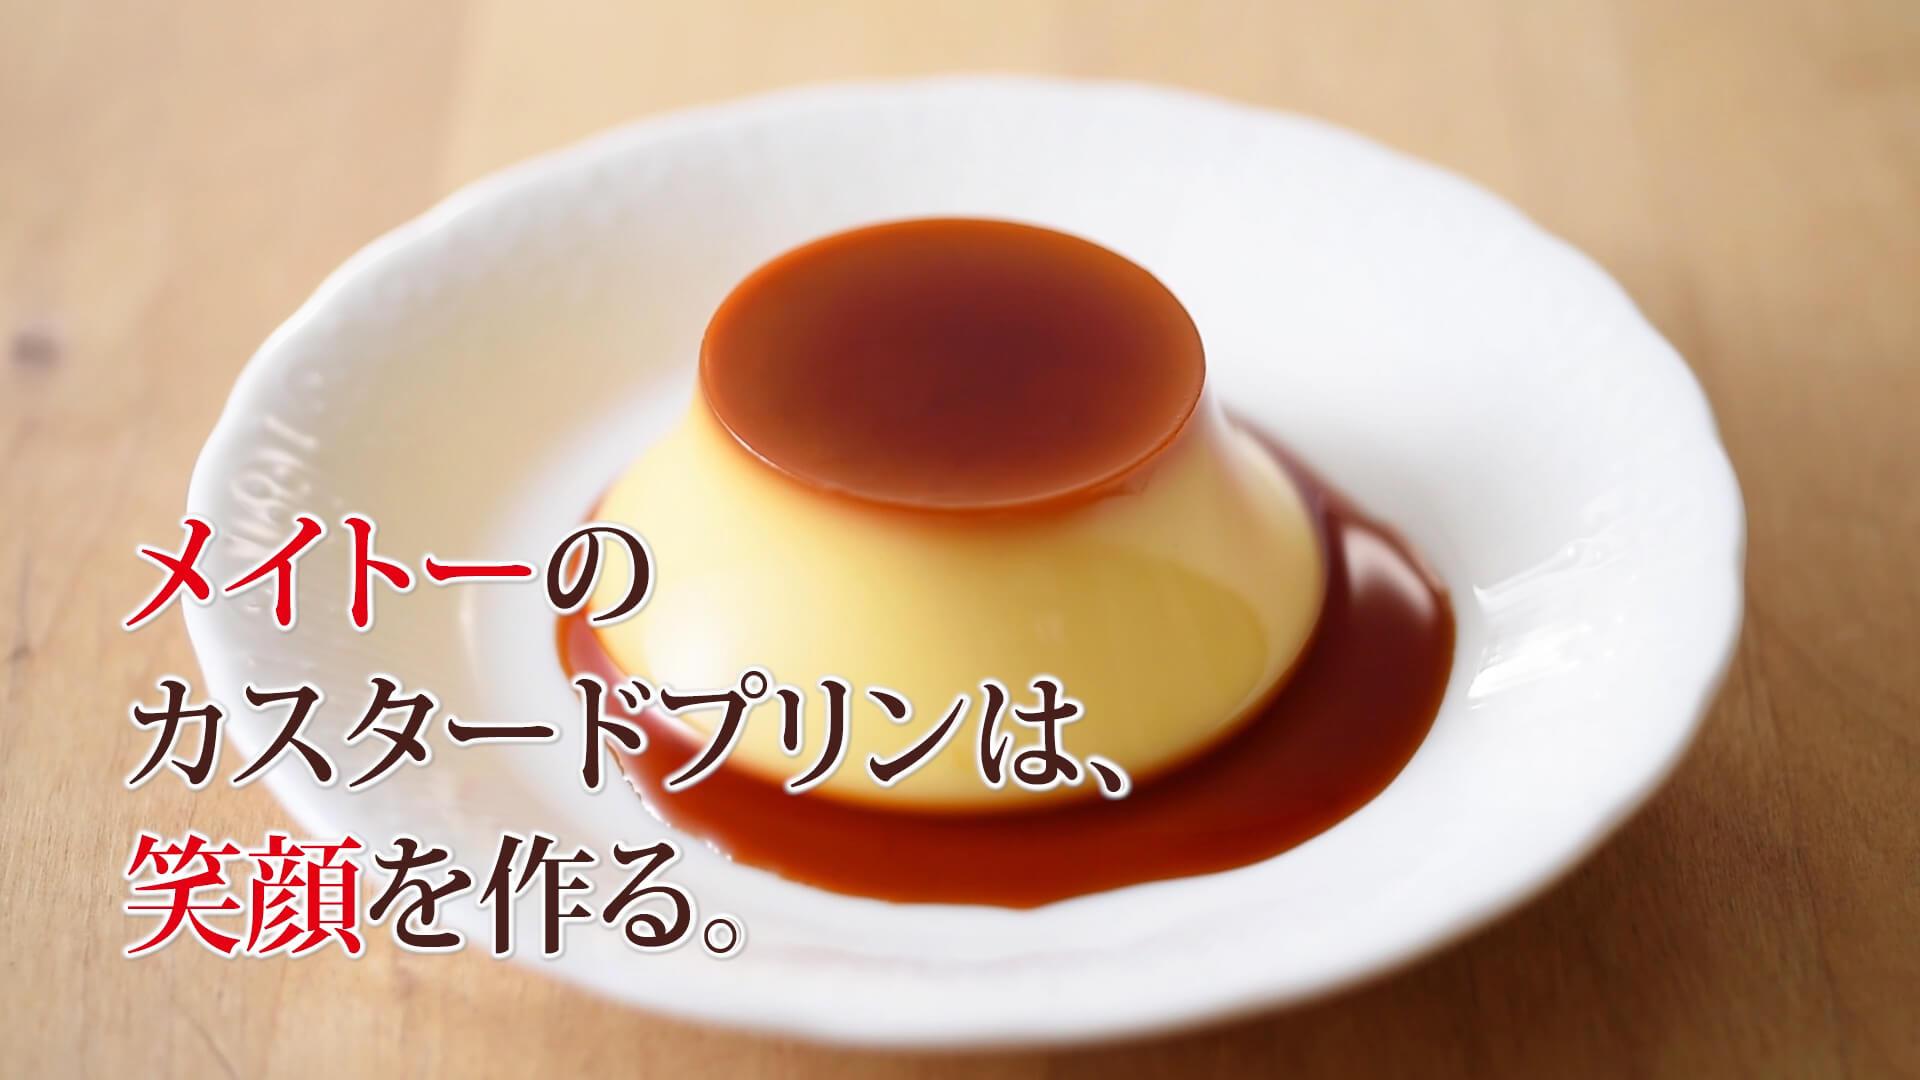 メイトーカスタードプリン  発売35周年篇